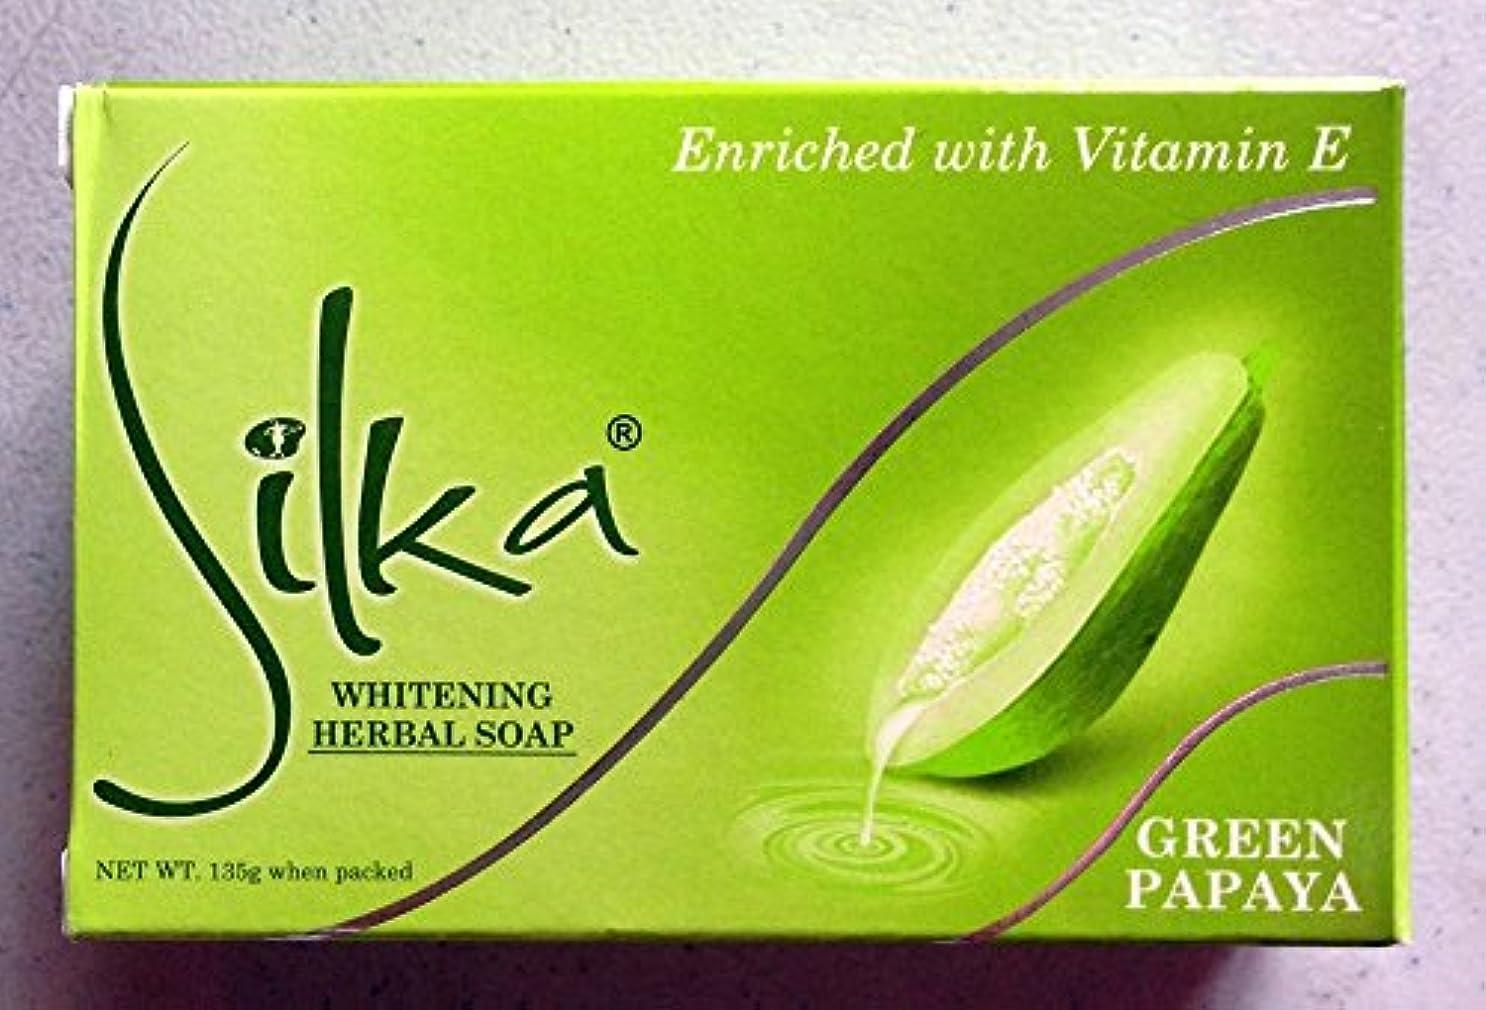 ボーナスパースブラックボロウあごひげシルカ グリーン パパイヤソープ 135g Silka green papaya soap